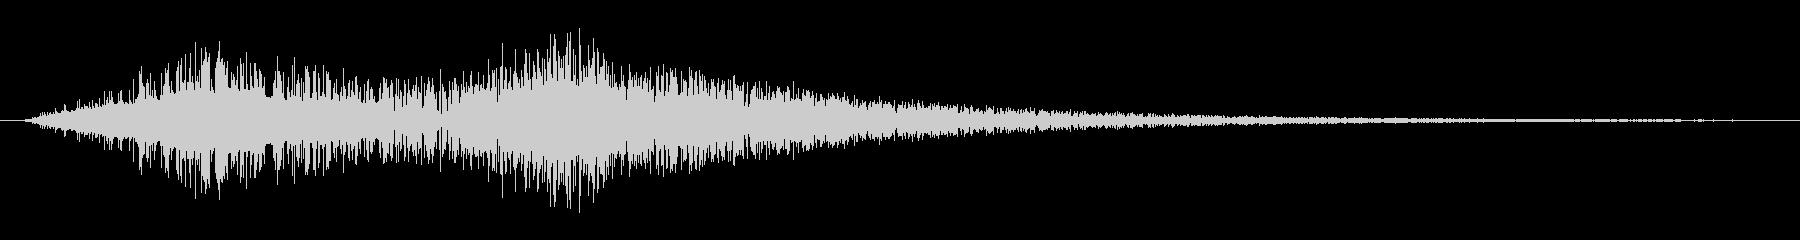 レトロゲームぽい効果音 振る音2の未再生の波形